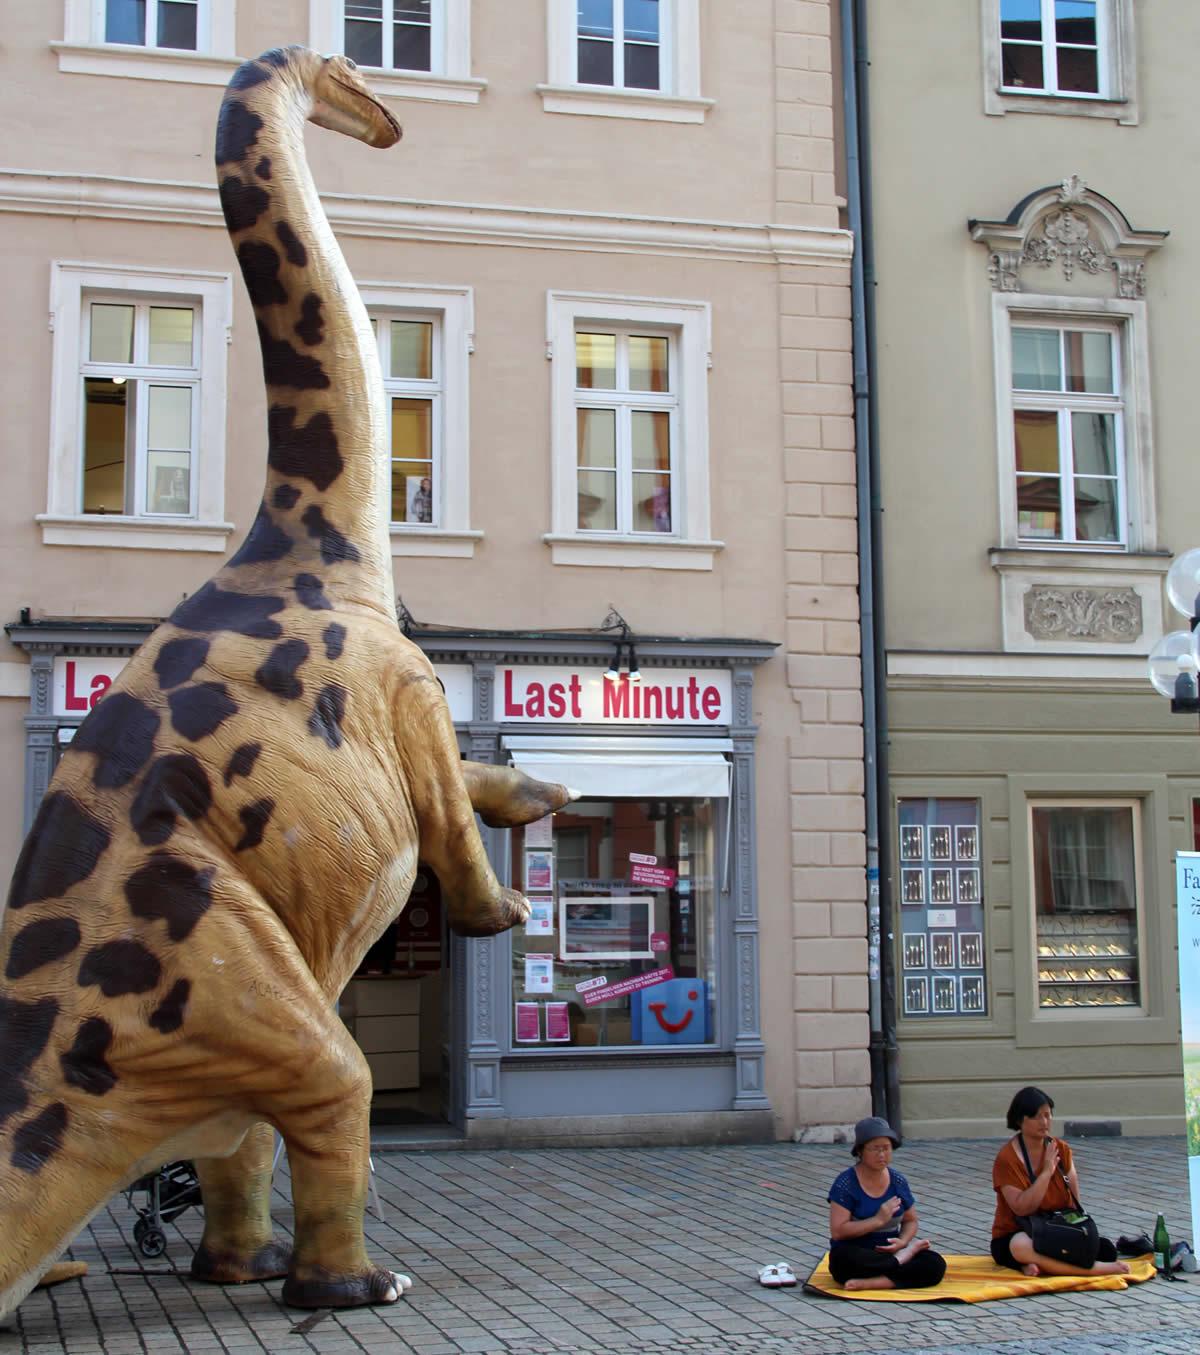 Un dinosaurio del Museo de Historia Natural de paseo por la ciudad. © Bayreuth.es